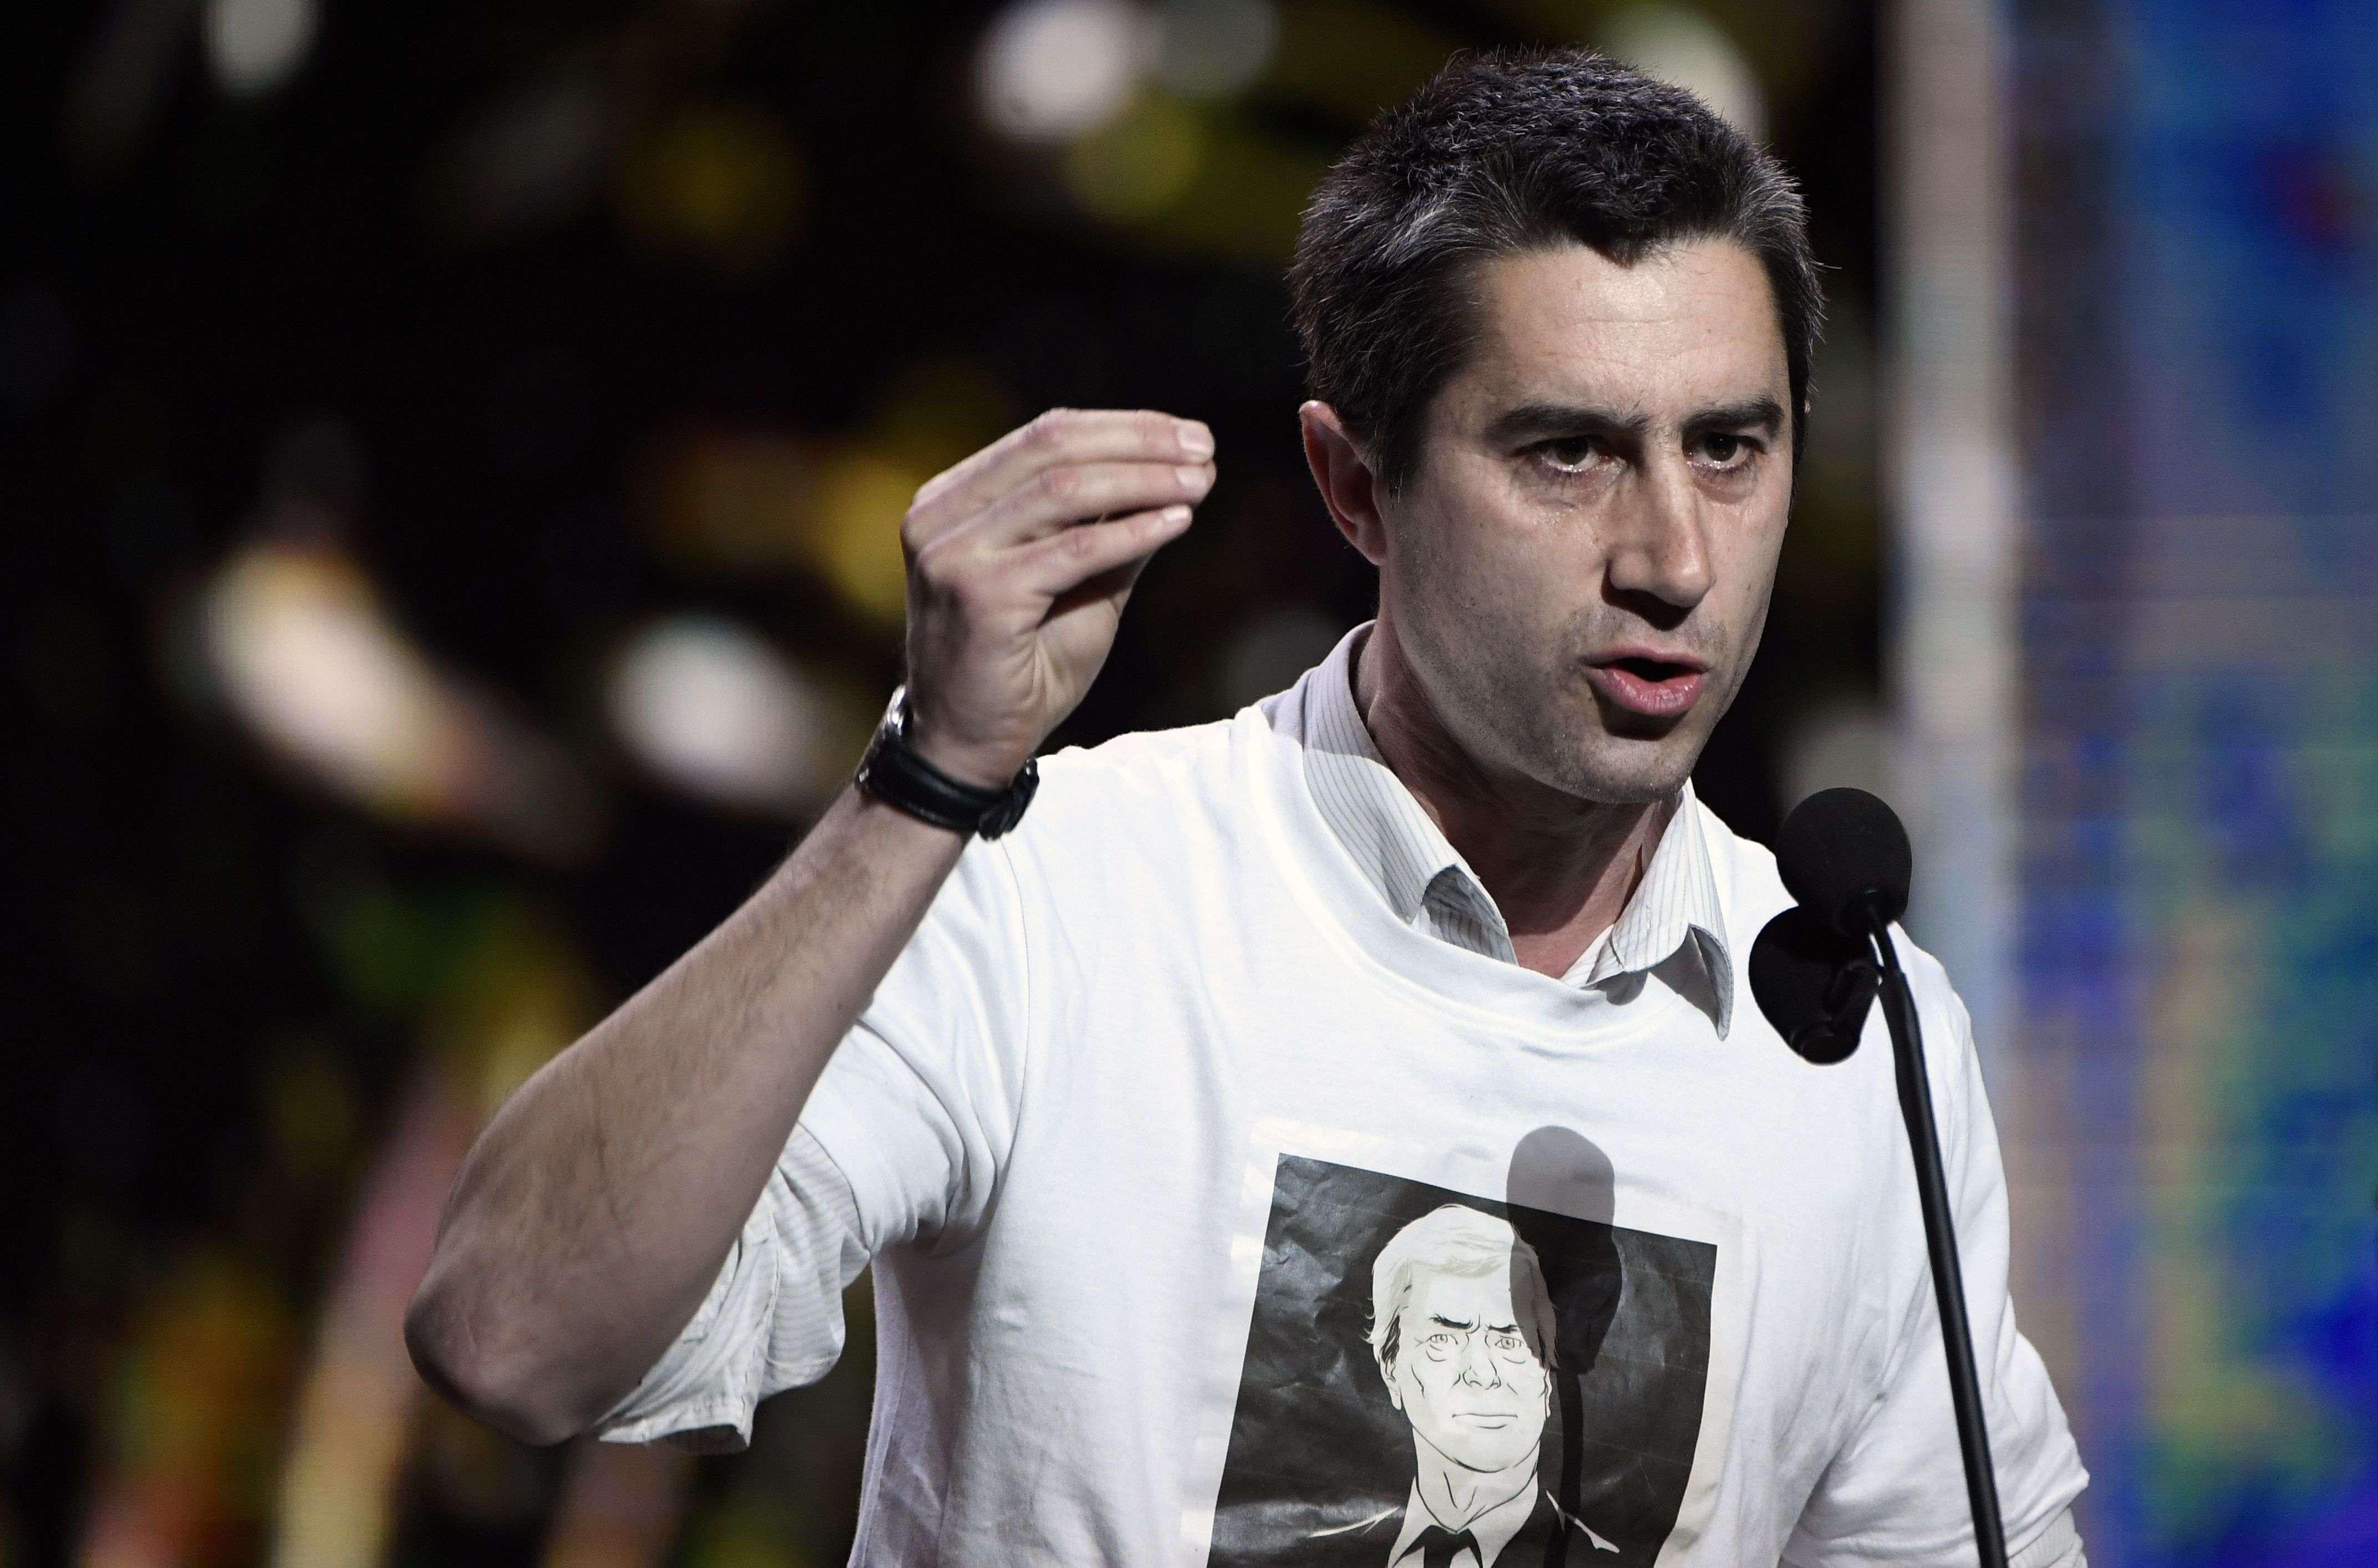 «Merci Patron !», de François Ruffin, a décroché le César du meilleur documentaire. Le journaliste a reçu son prix vêtu d'un t-shirt à l'effigie de Vincent Bolloré, dont la reprise en main du groupe Canal+ provoque la polémique.